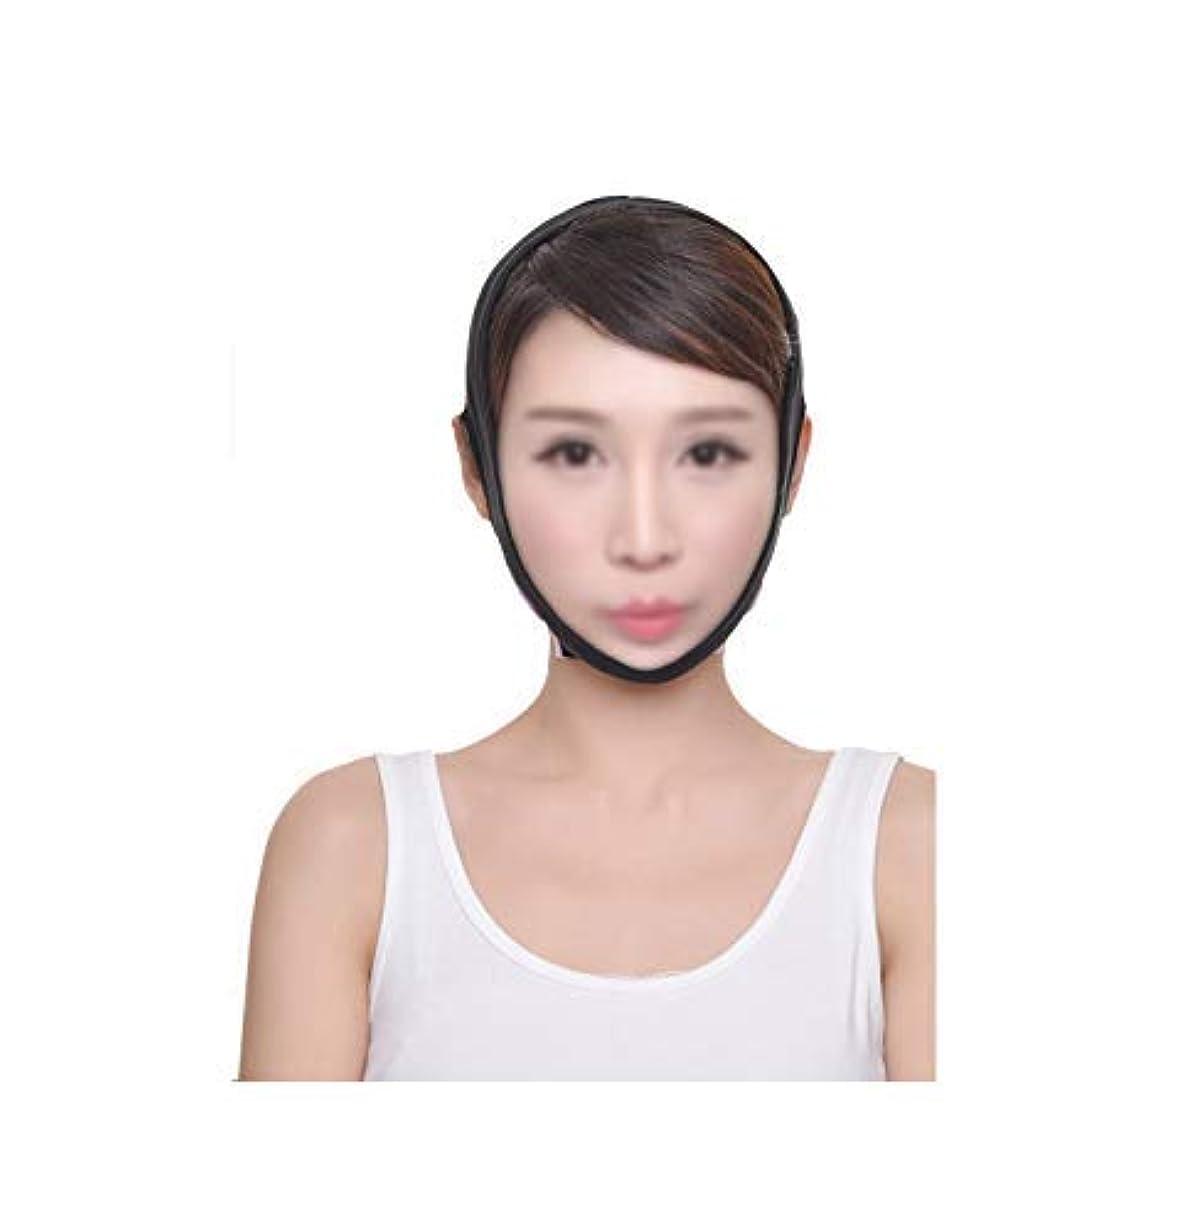 タイマーに対応証明するファーミングフェイスマスク、フェイスリフティングアーティファクト脂肪吸引術脂肪吸引術後整形二重あご美容マスクブラックフード(サイズ:L),M